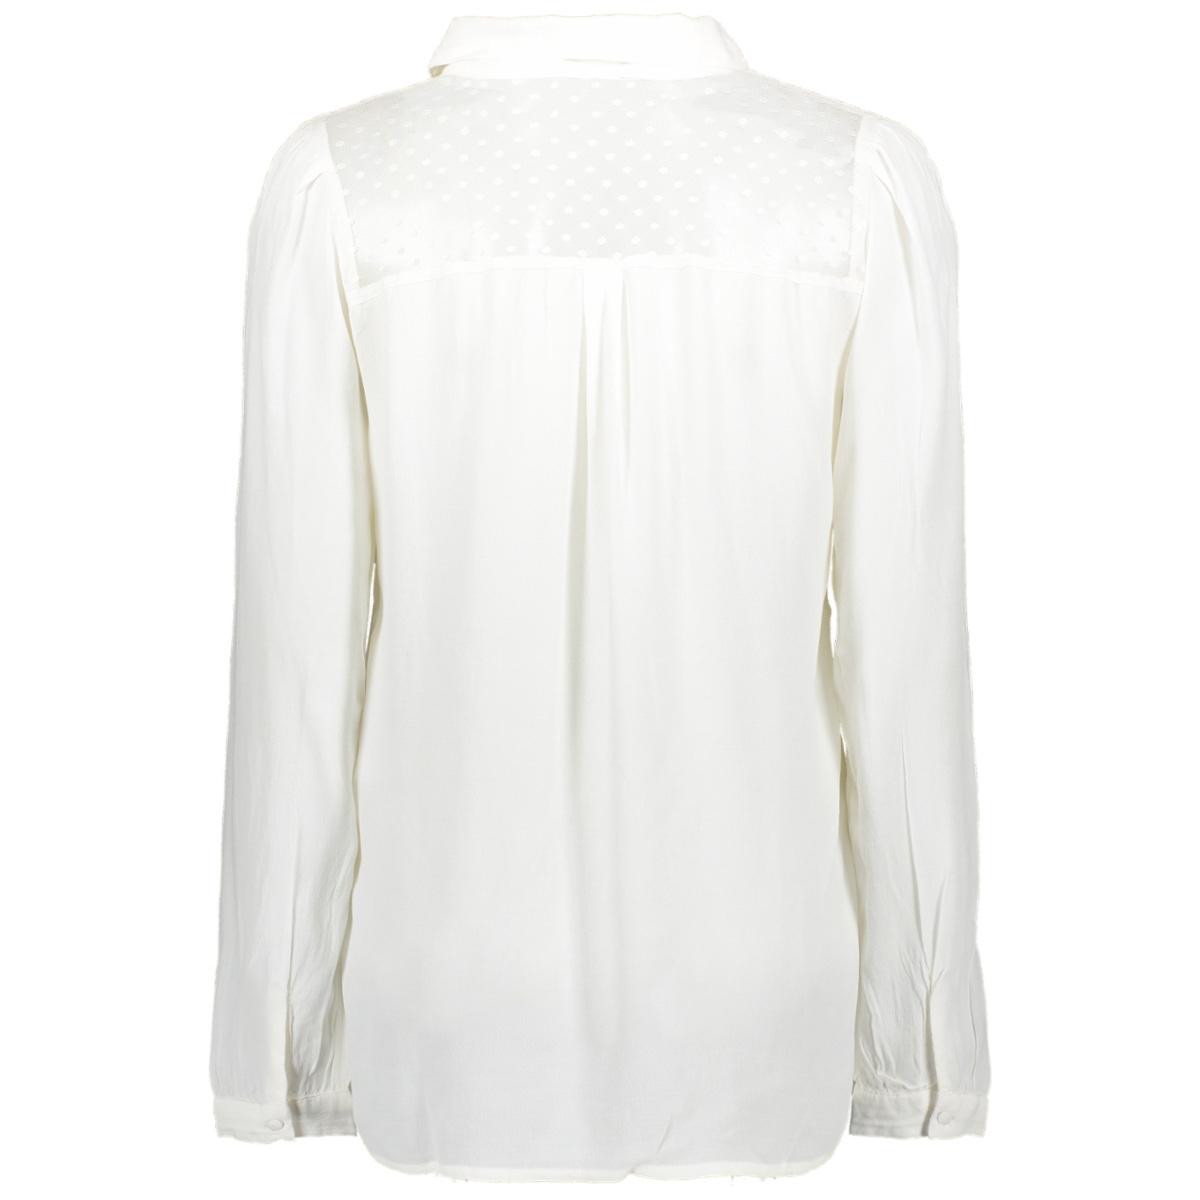 onldoris l/s top wvn 15192234 only blouse cloud dancer